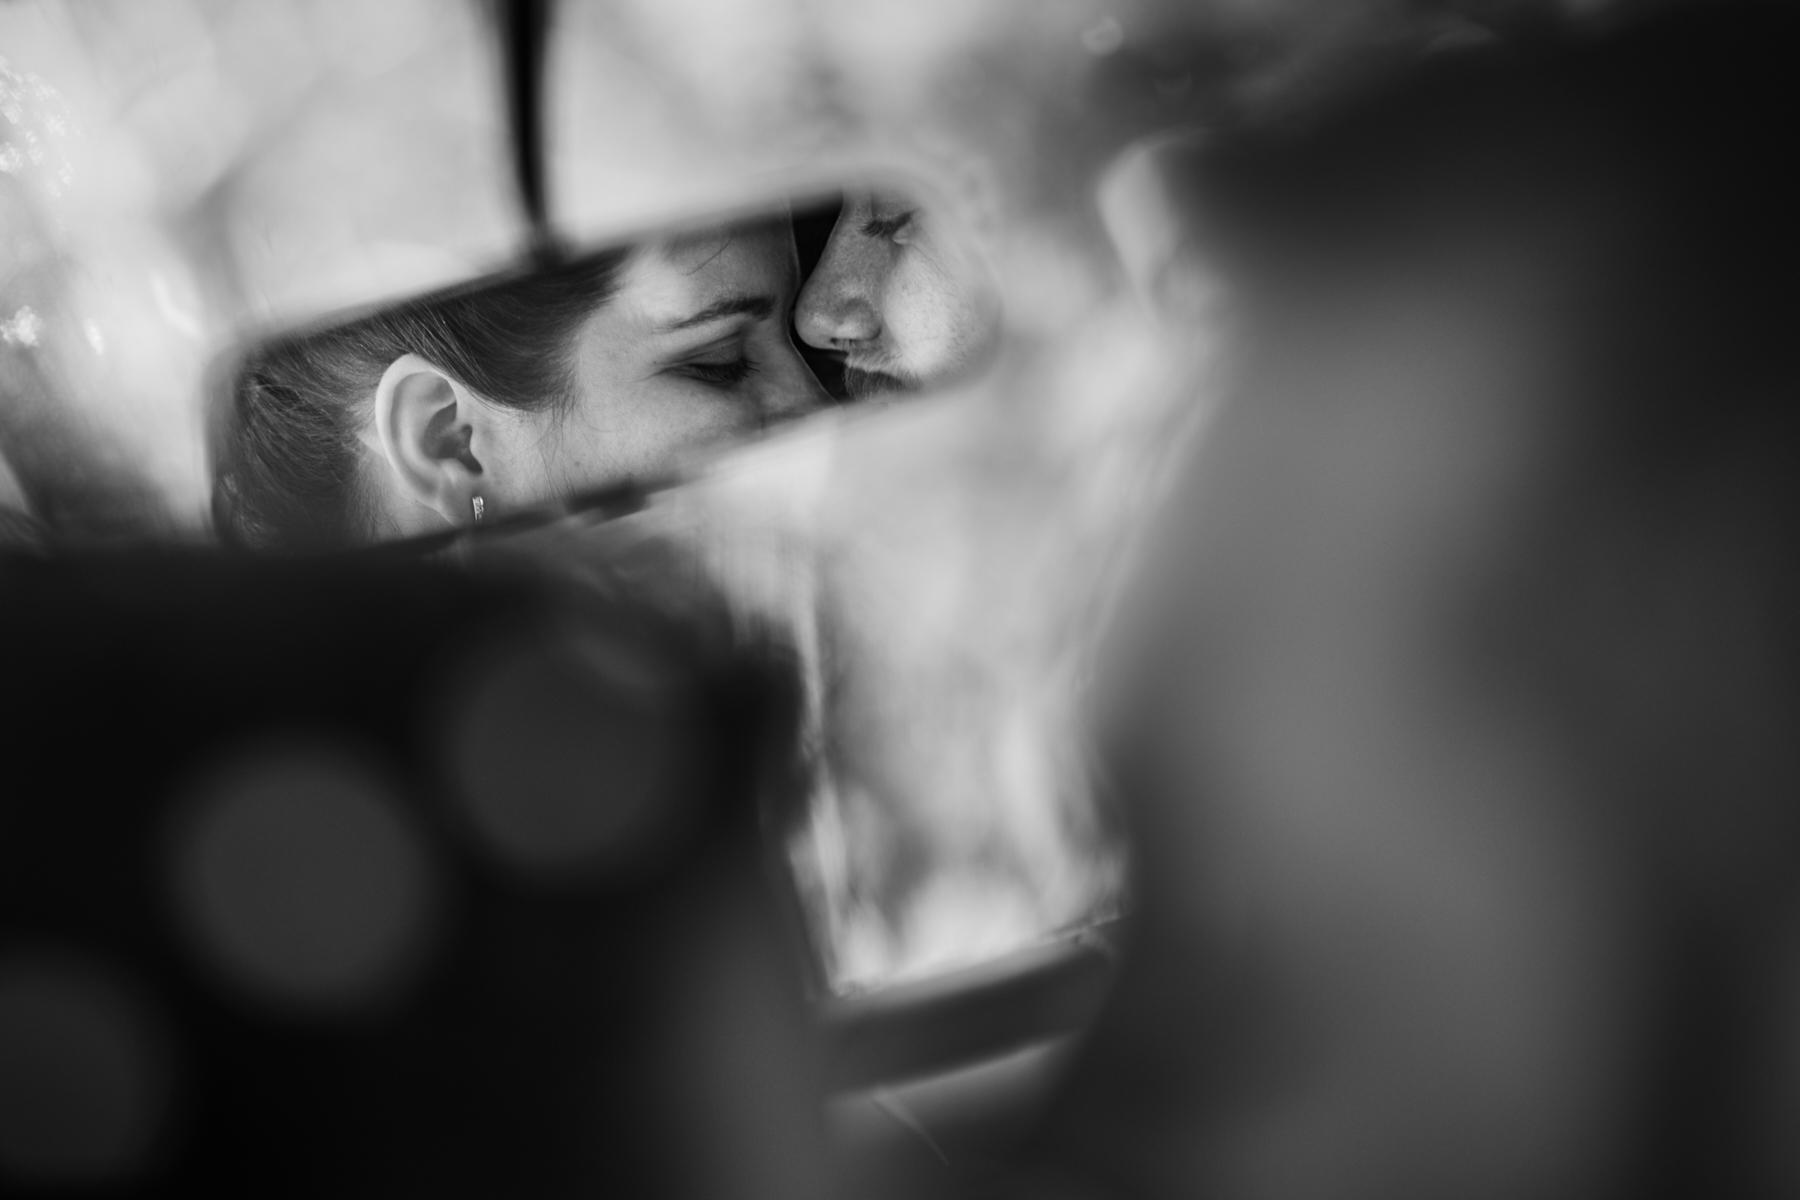 Anna&Oriol - Andreu Fotògraf, Estudi fotogràfic a La Garriga